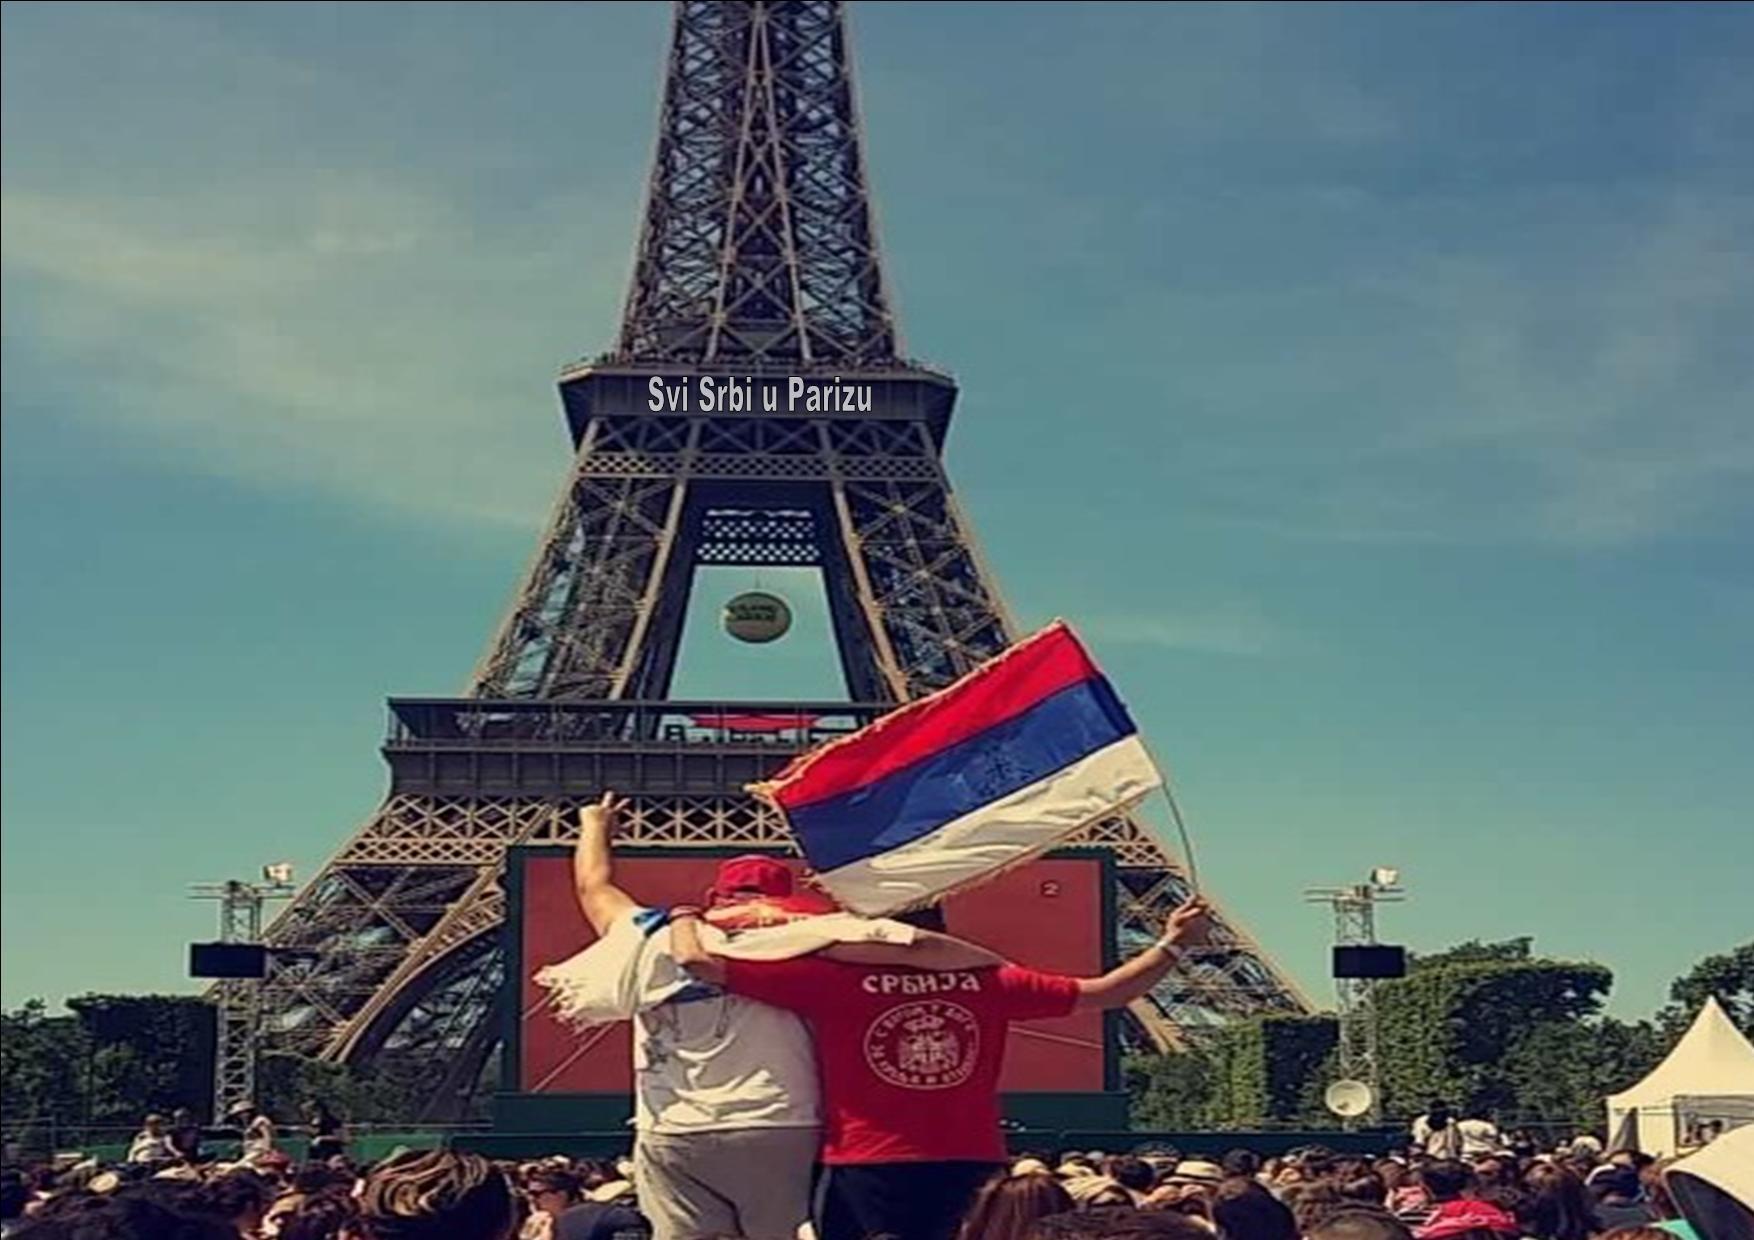 svi srbi u parizu